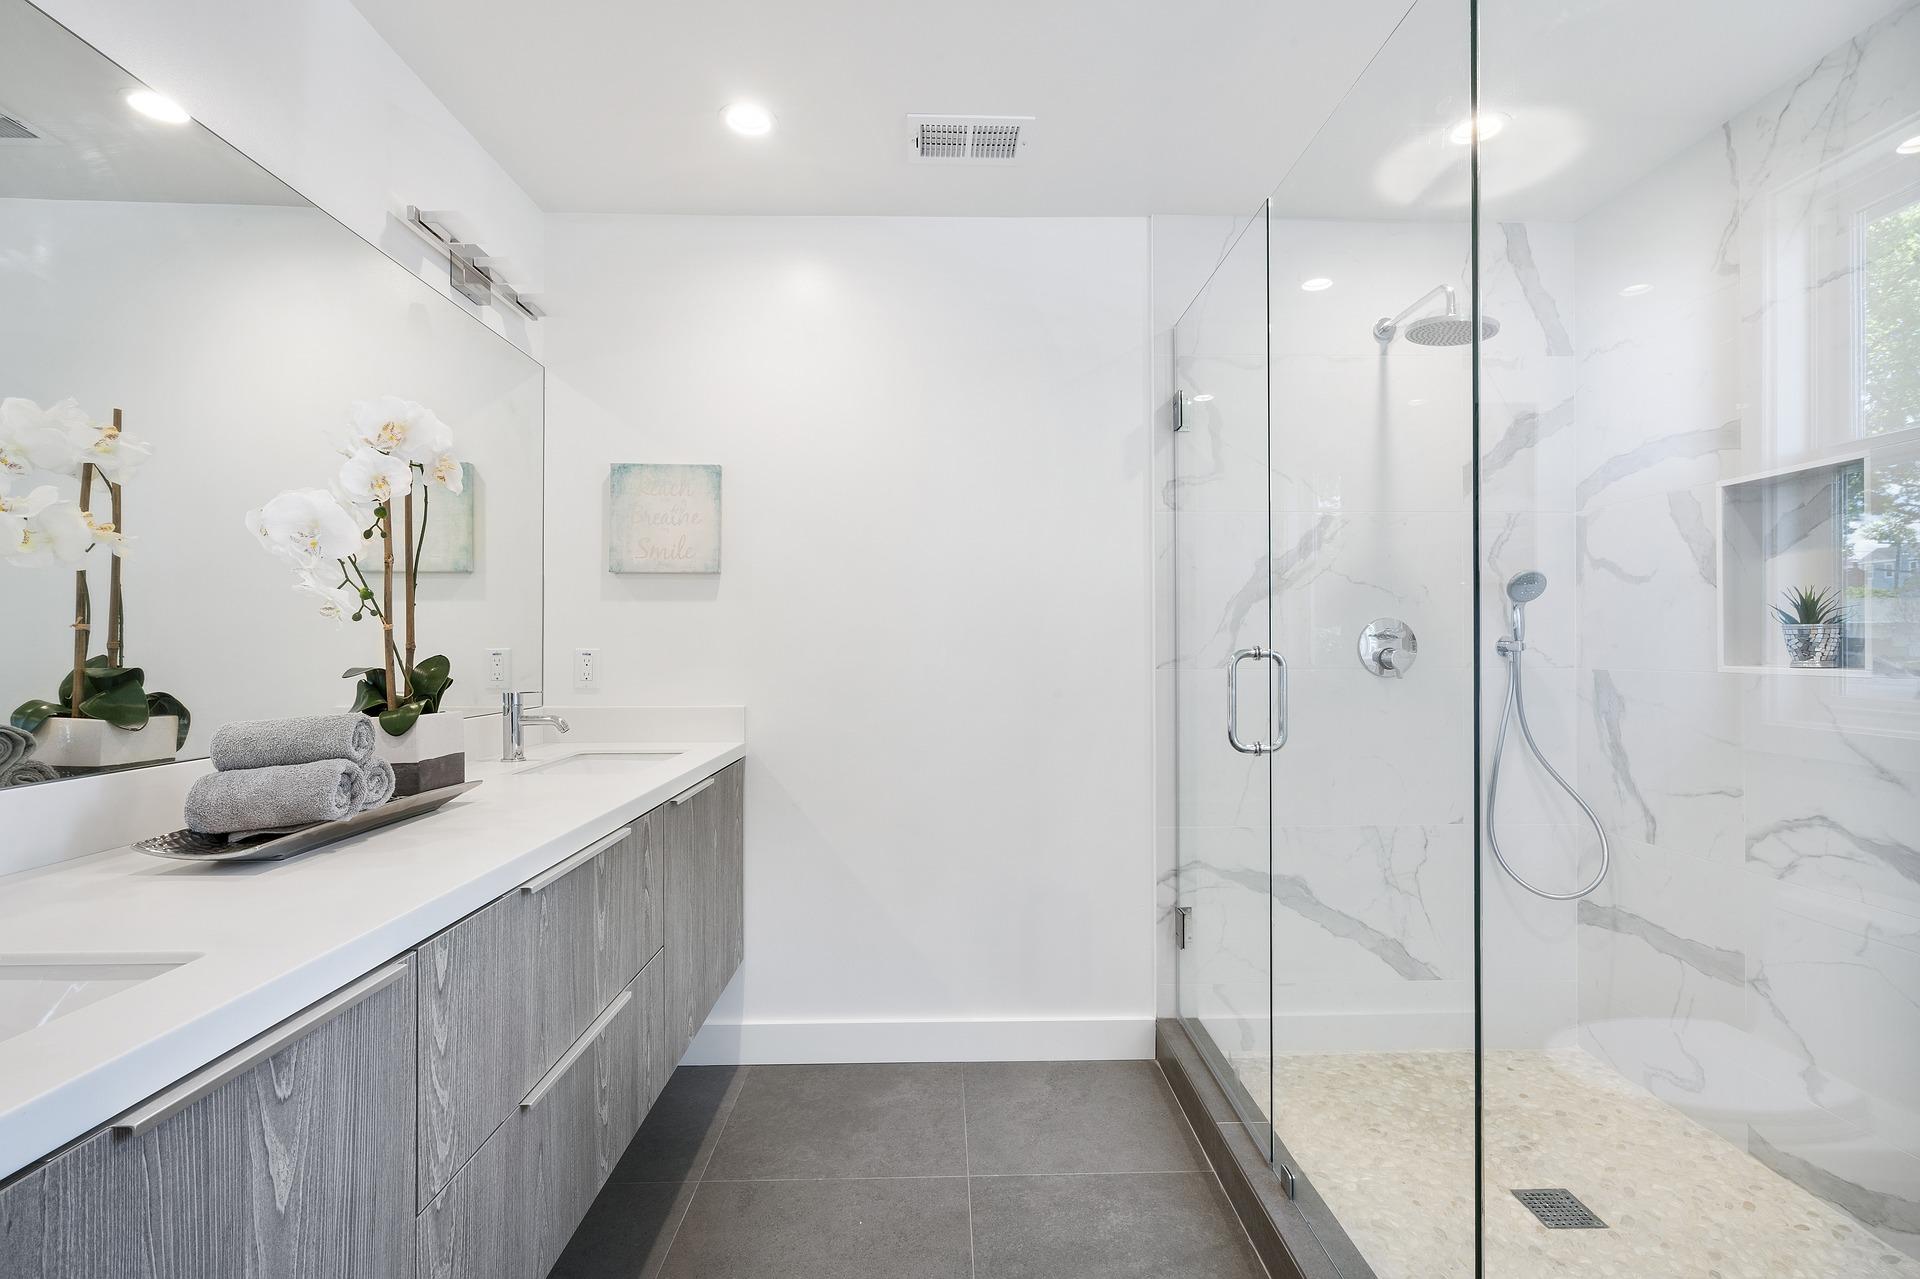 עיצוב מקלחת המדריך המלא